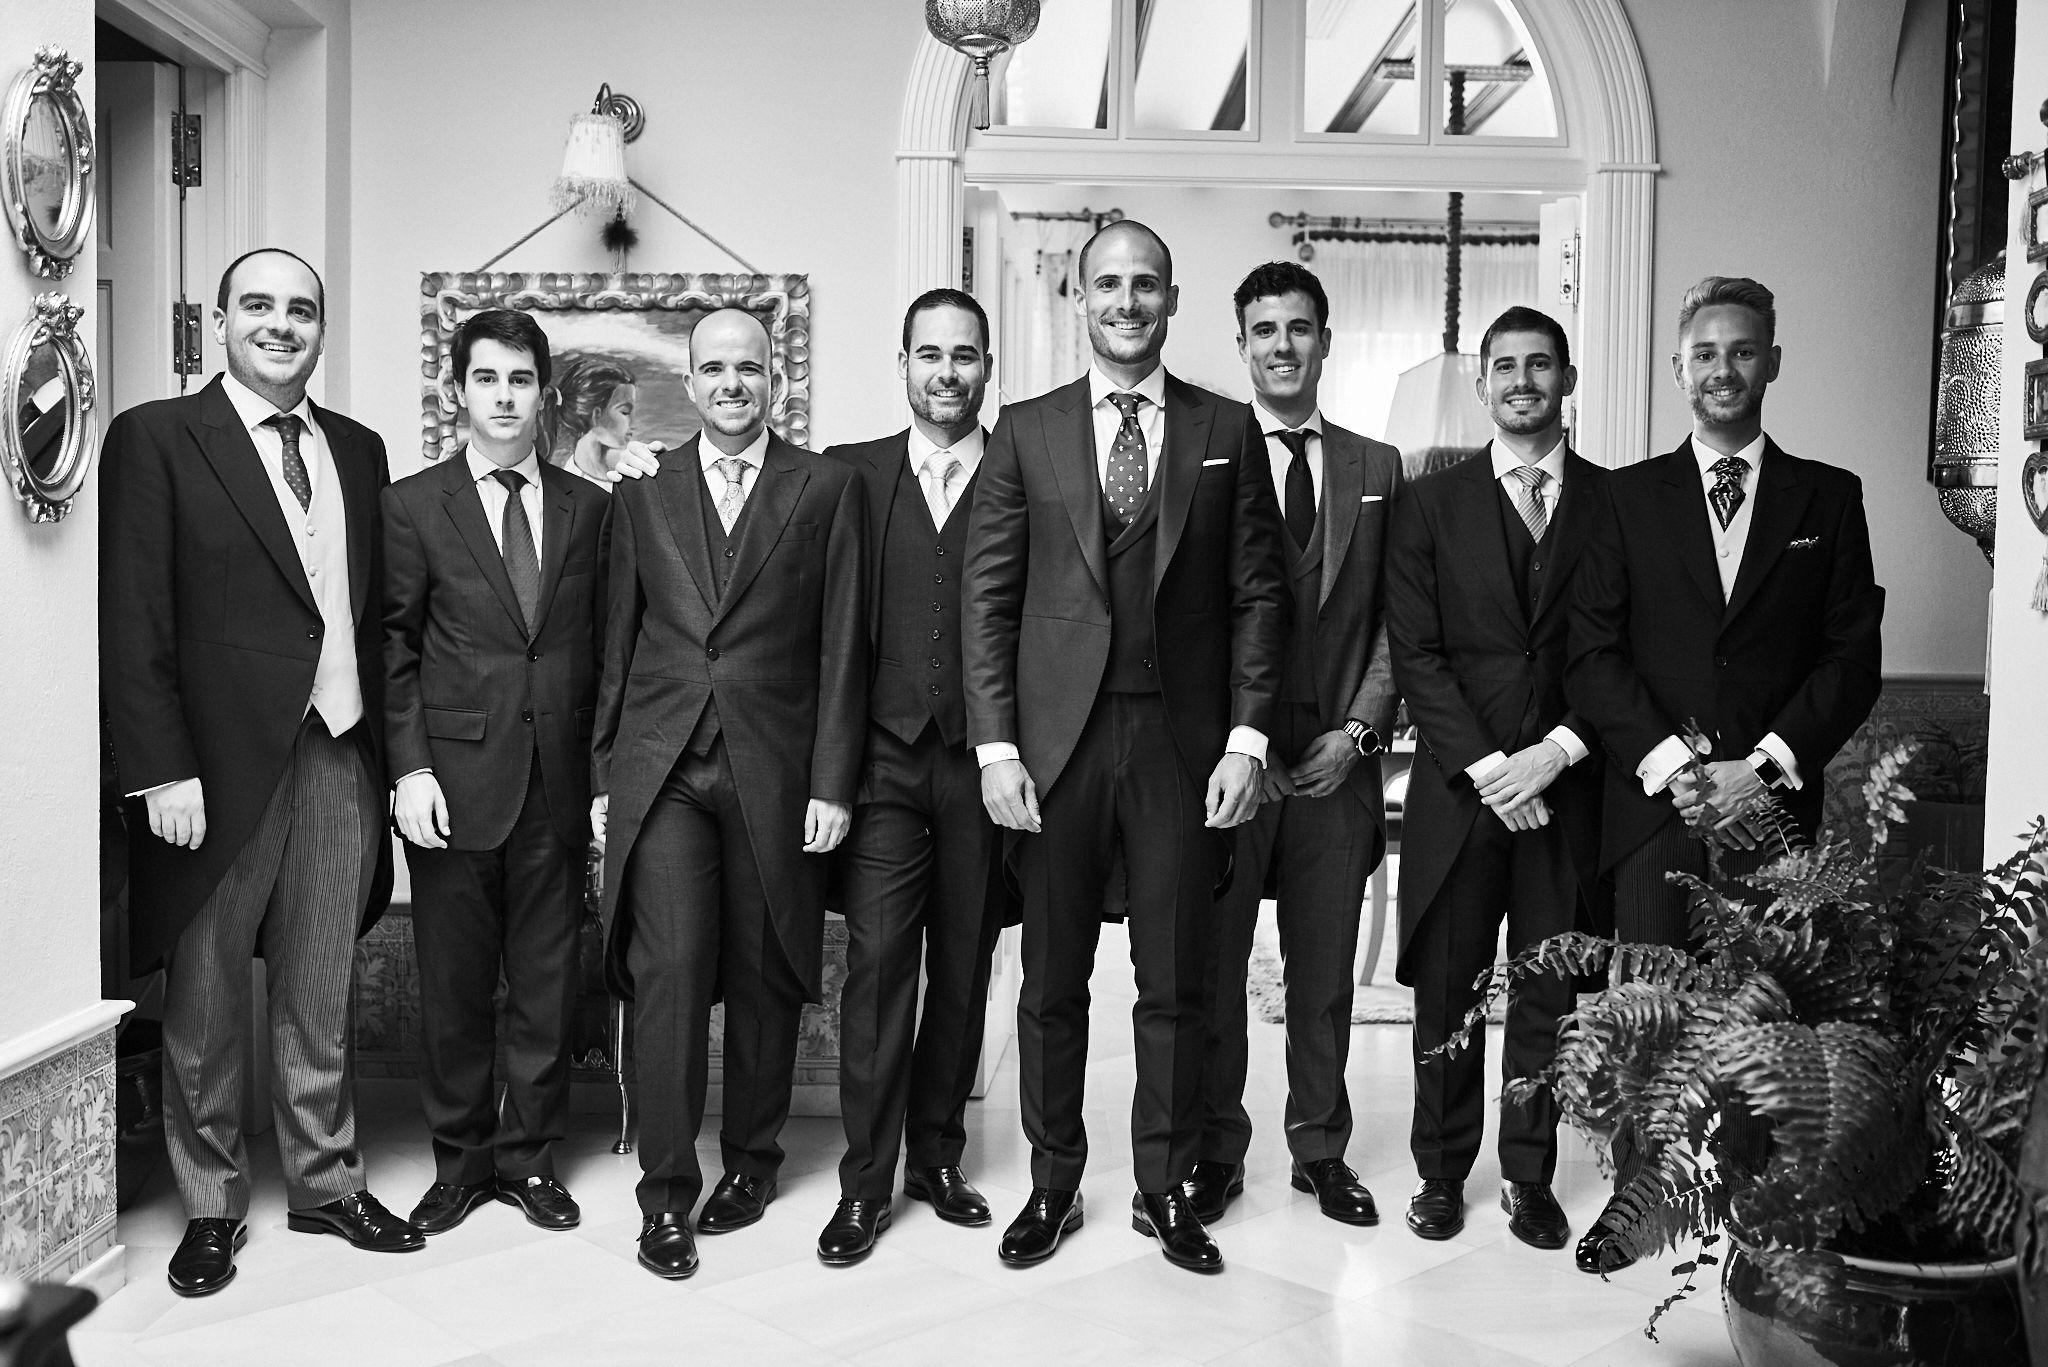 La-22Destination-Wedding22-en-Moguer-de-Lauren-y-JosC3A9-Antonio-JoseAntonio-alejandromarmol0766.jpg